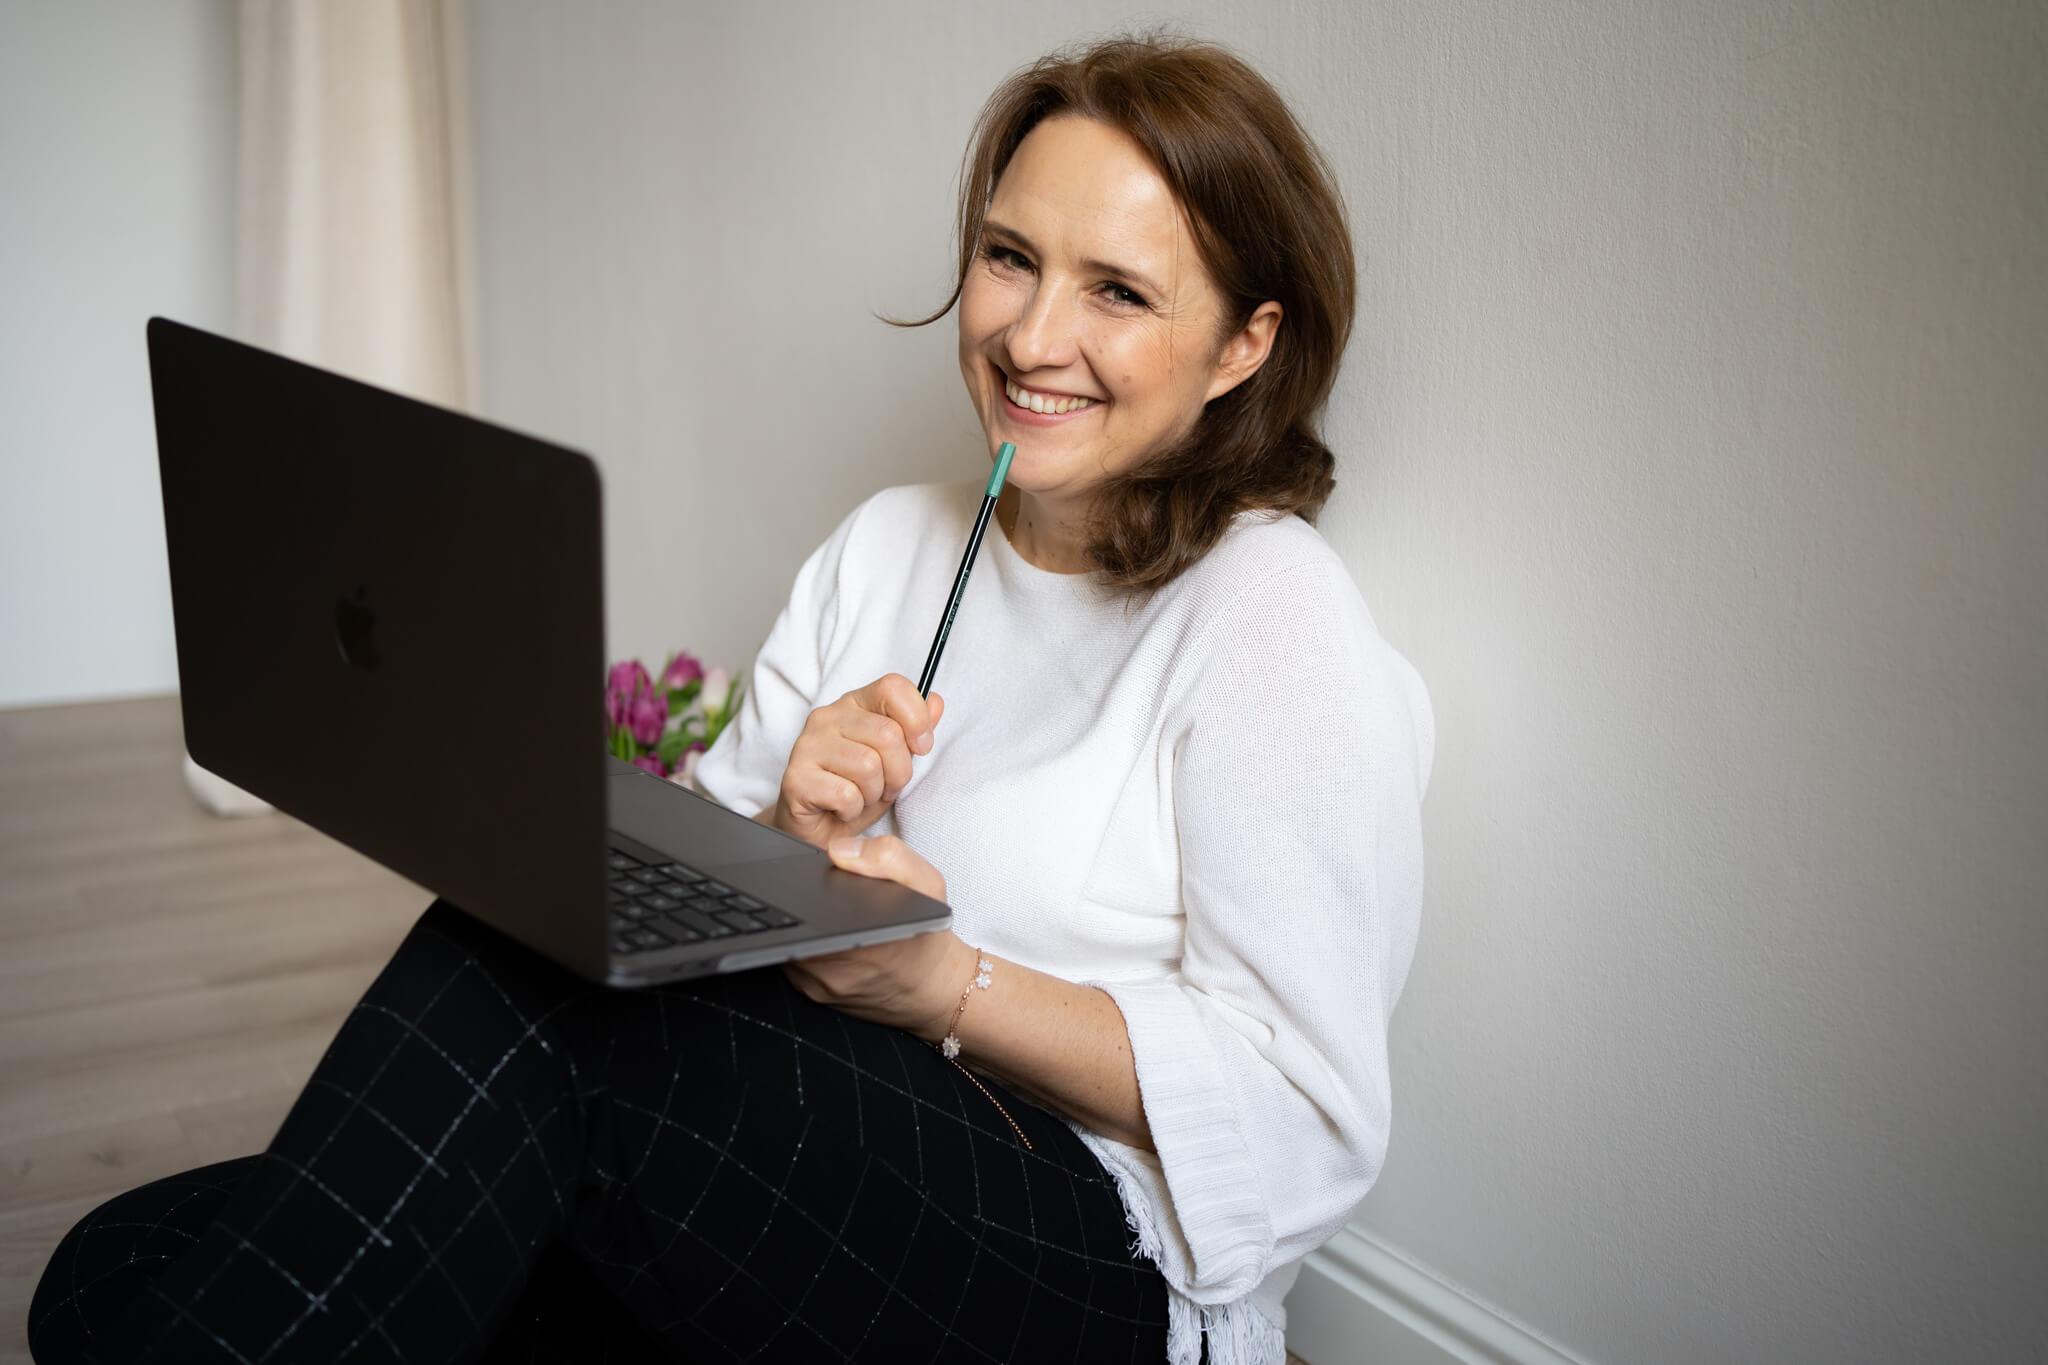 kobieta z laptopem opierająca się o ścianę w studiu